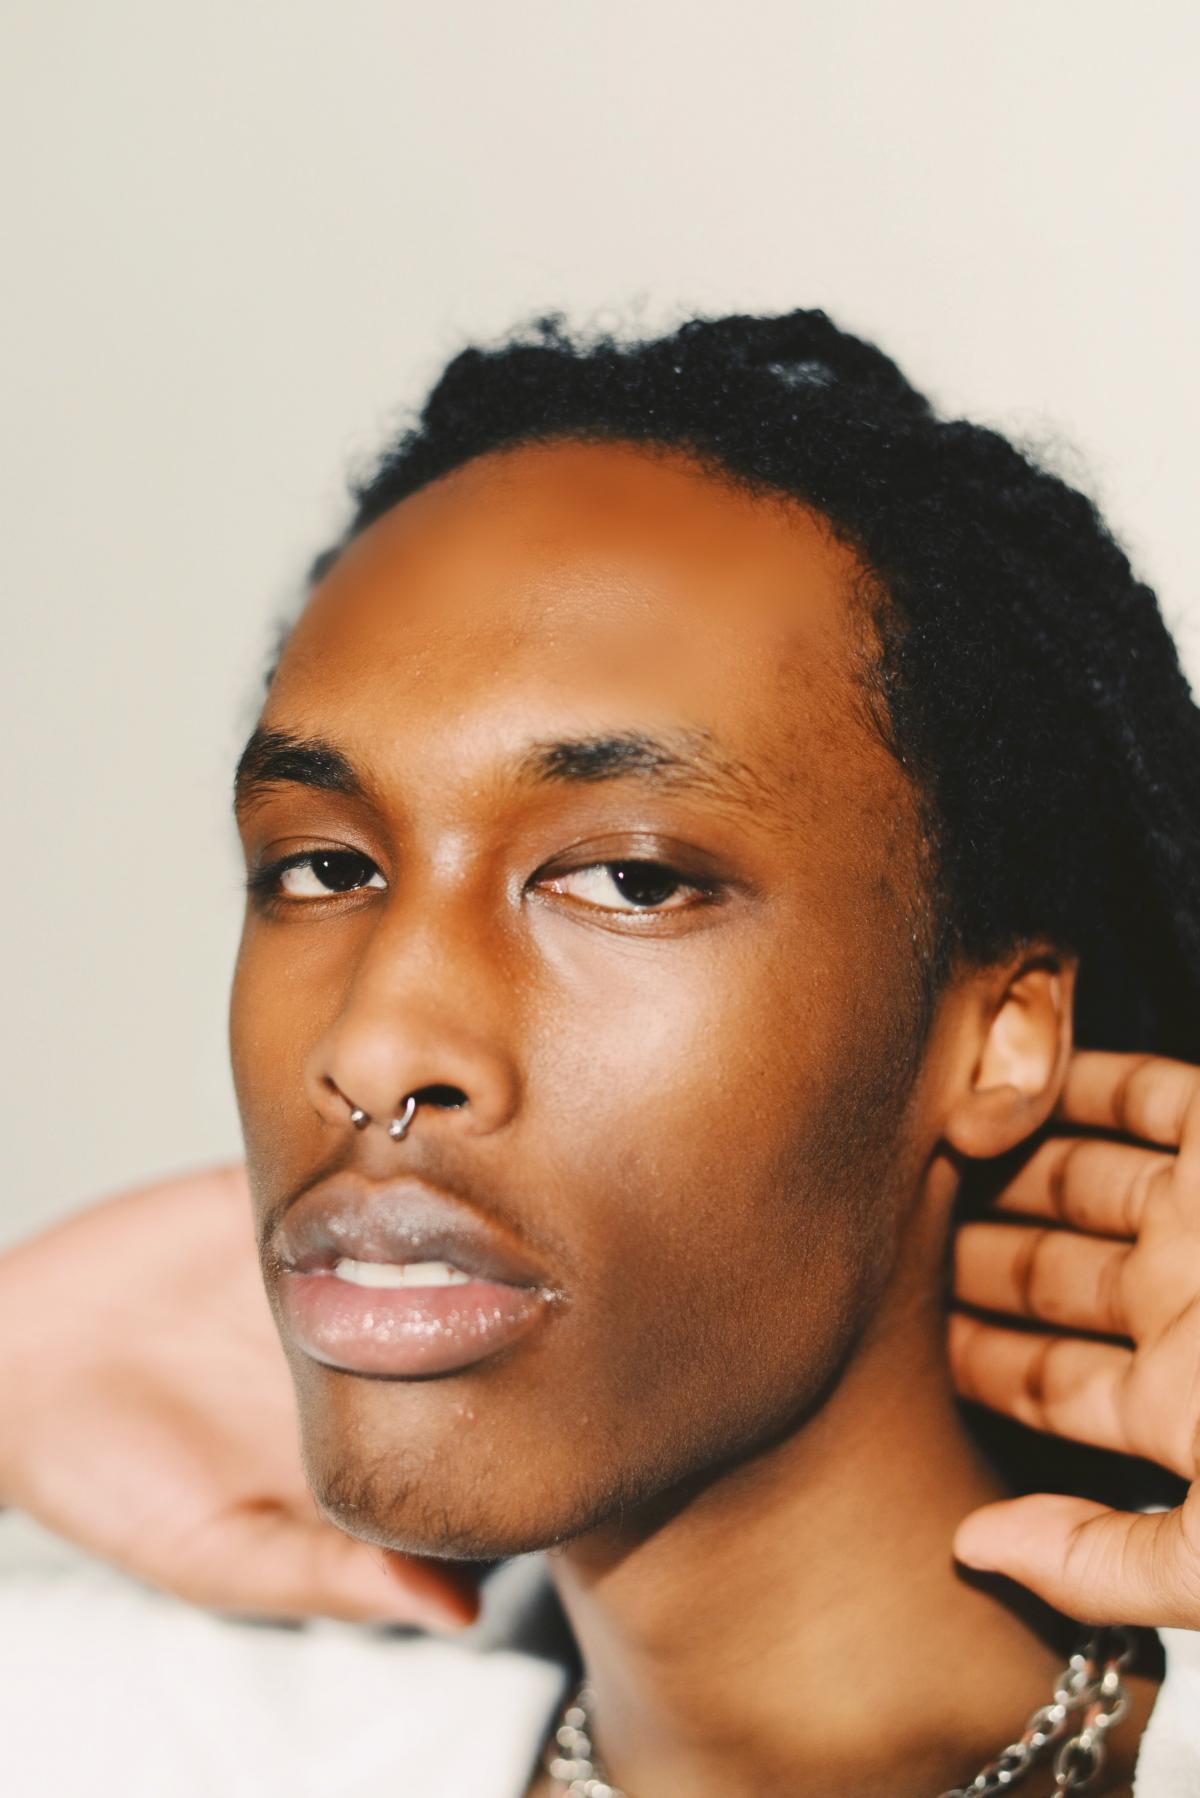 Afro Face Portrait #426352